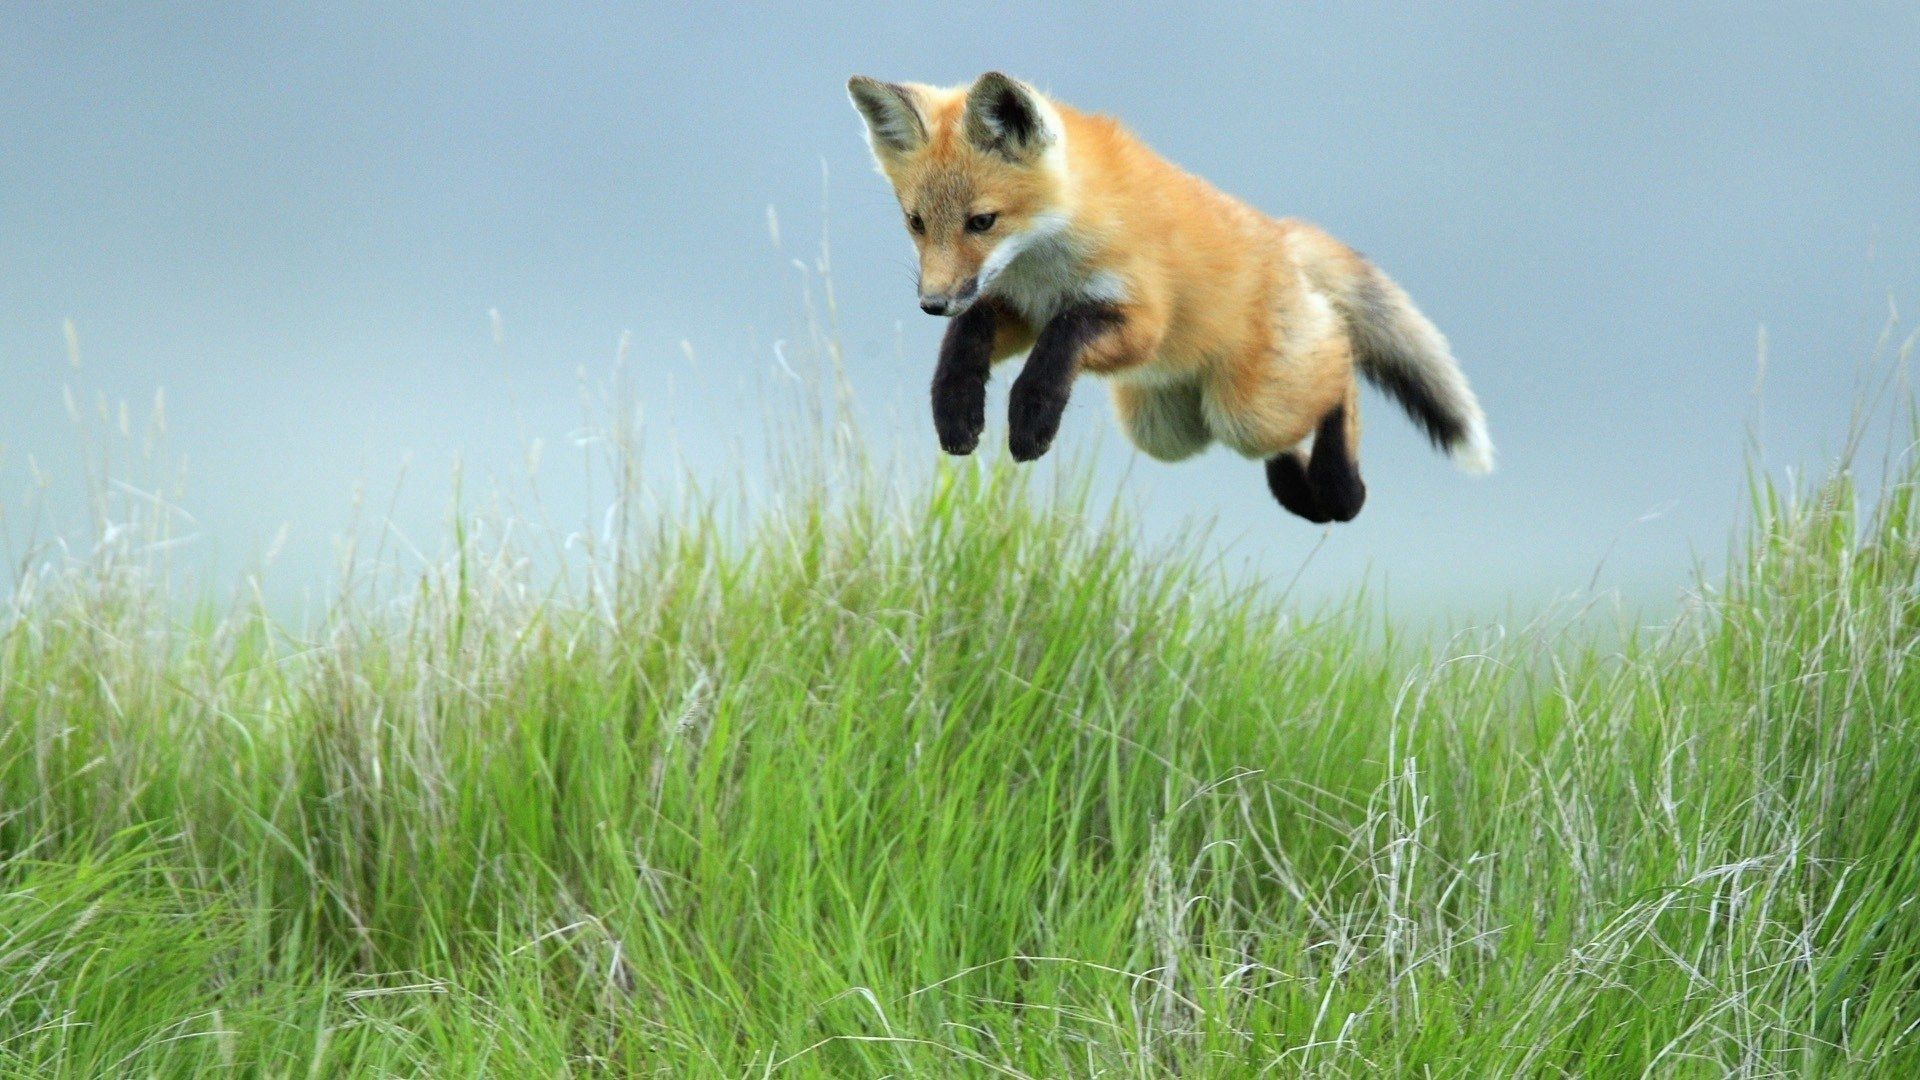 103799 Hintergrundbild herunterladen Tiere, Fuchs, Grass, Ein Fuchs, Prallen, Springen, Pfoten - Bildschirmschoner und Bilder kostenlos